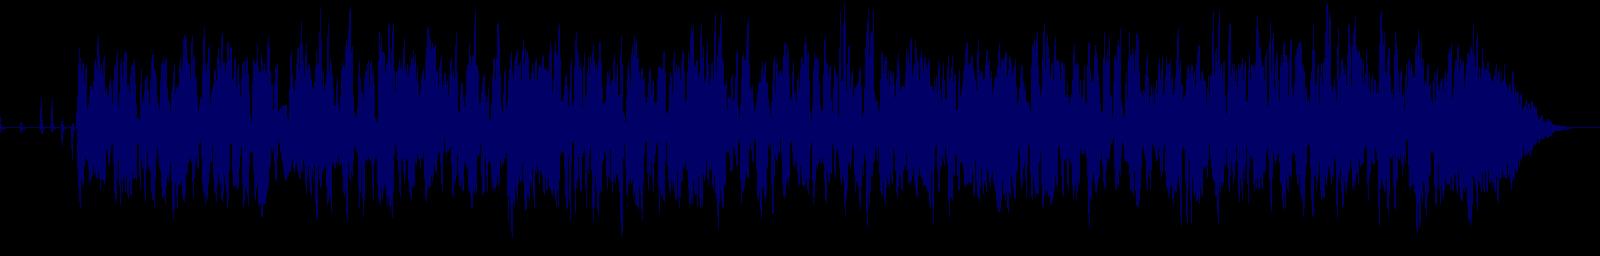 waveform of track #145902